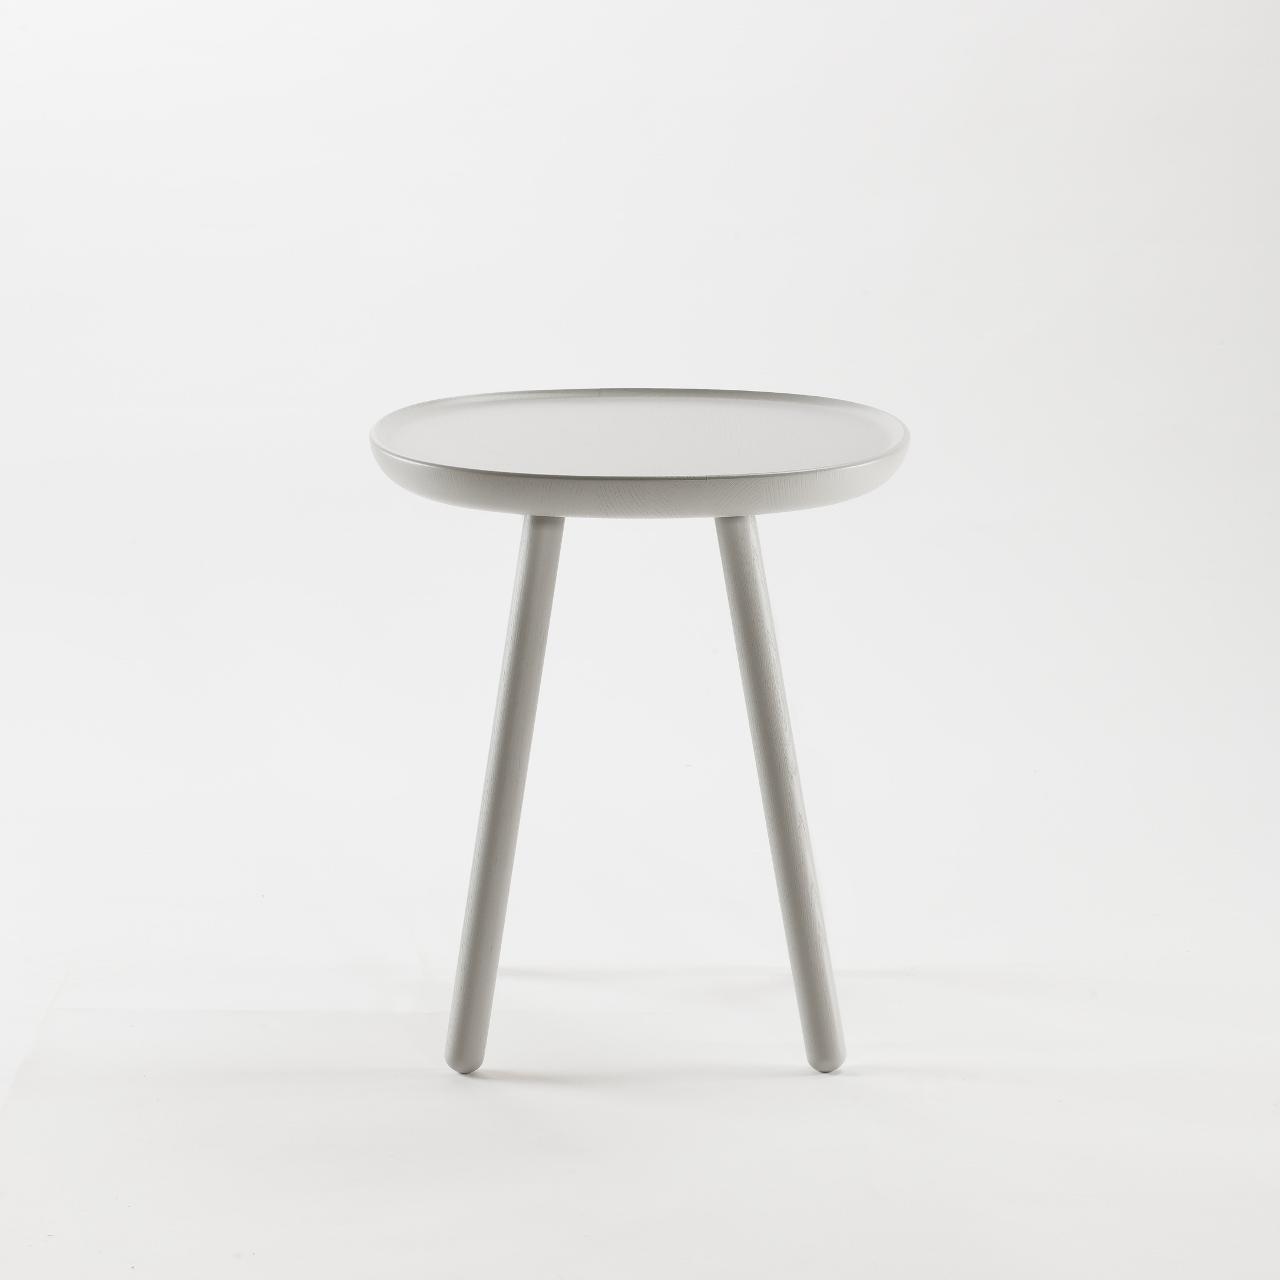 beistelltisch aus holz grau emko. Black Bedroom Furniture Sets. Home Design Ideas